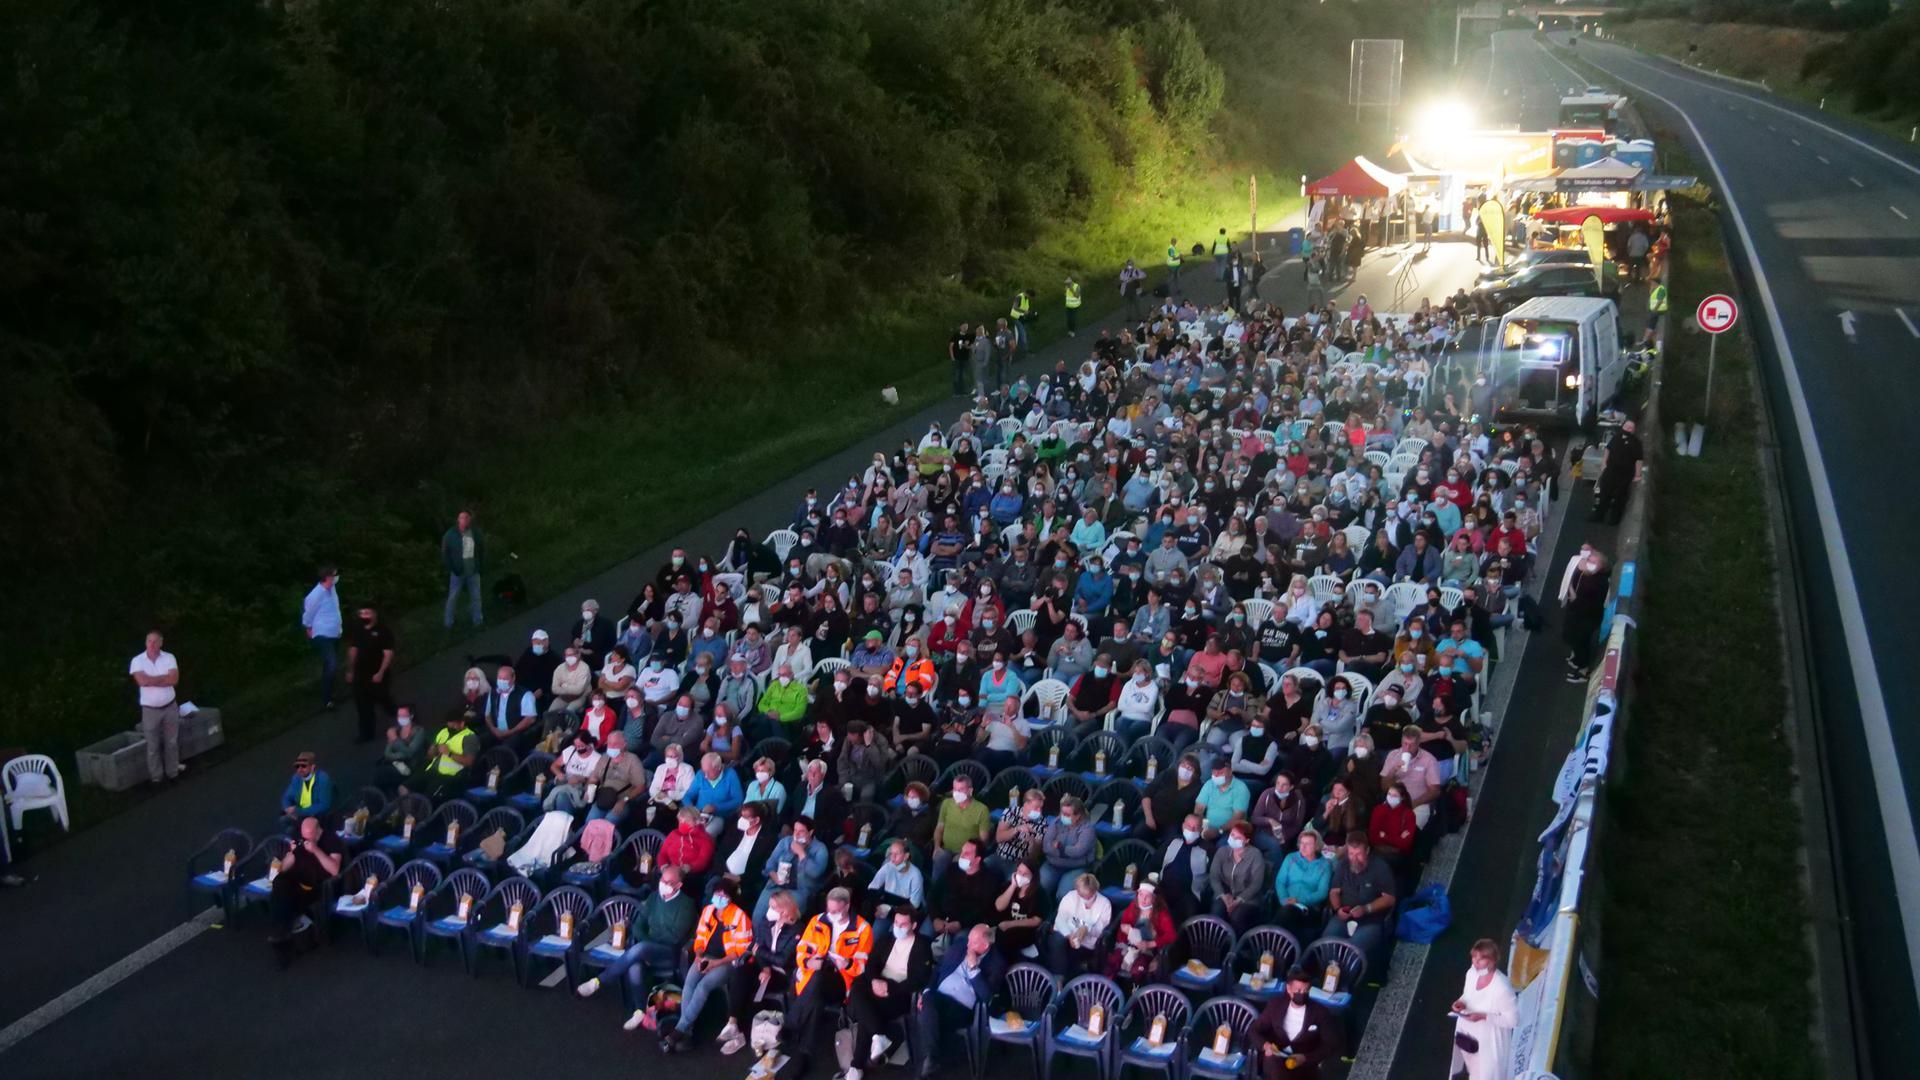 Publikum statt Autos auf einer leeren A8, ein Bild mit Seltenheitswert.